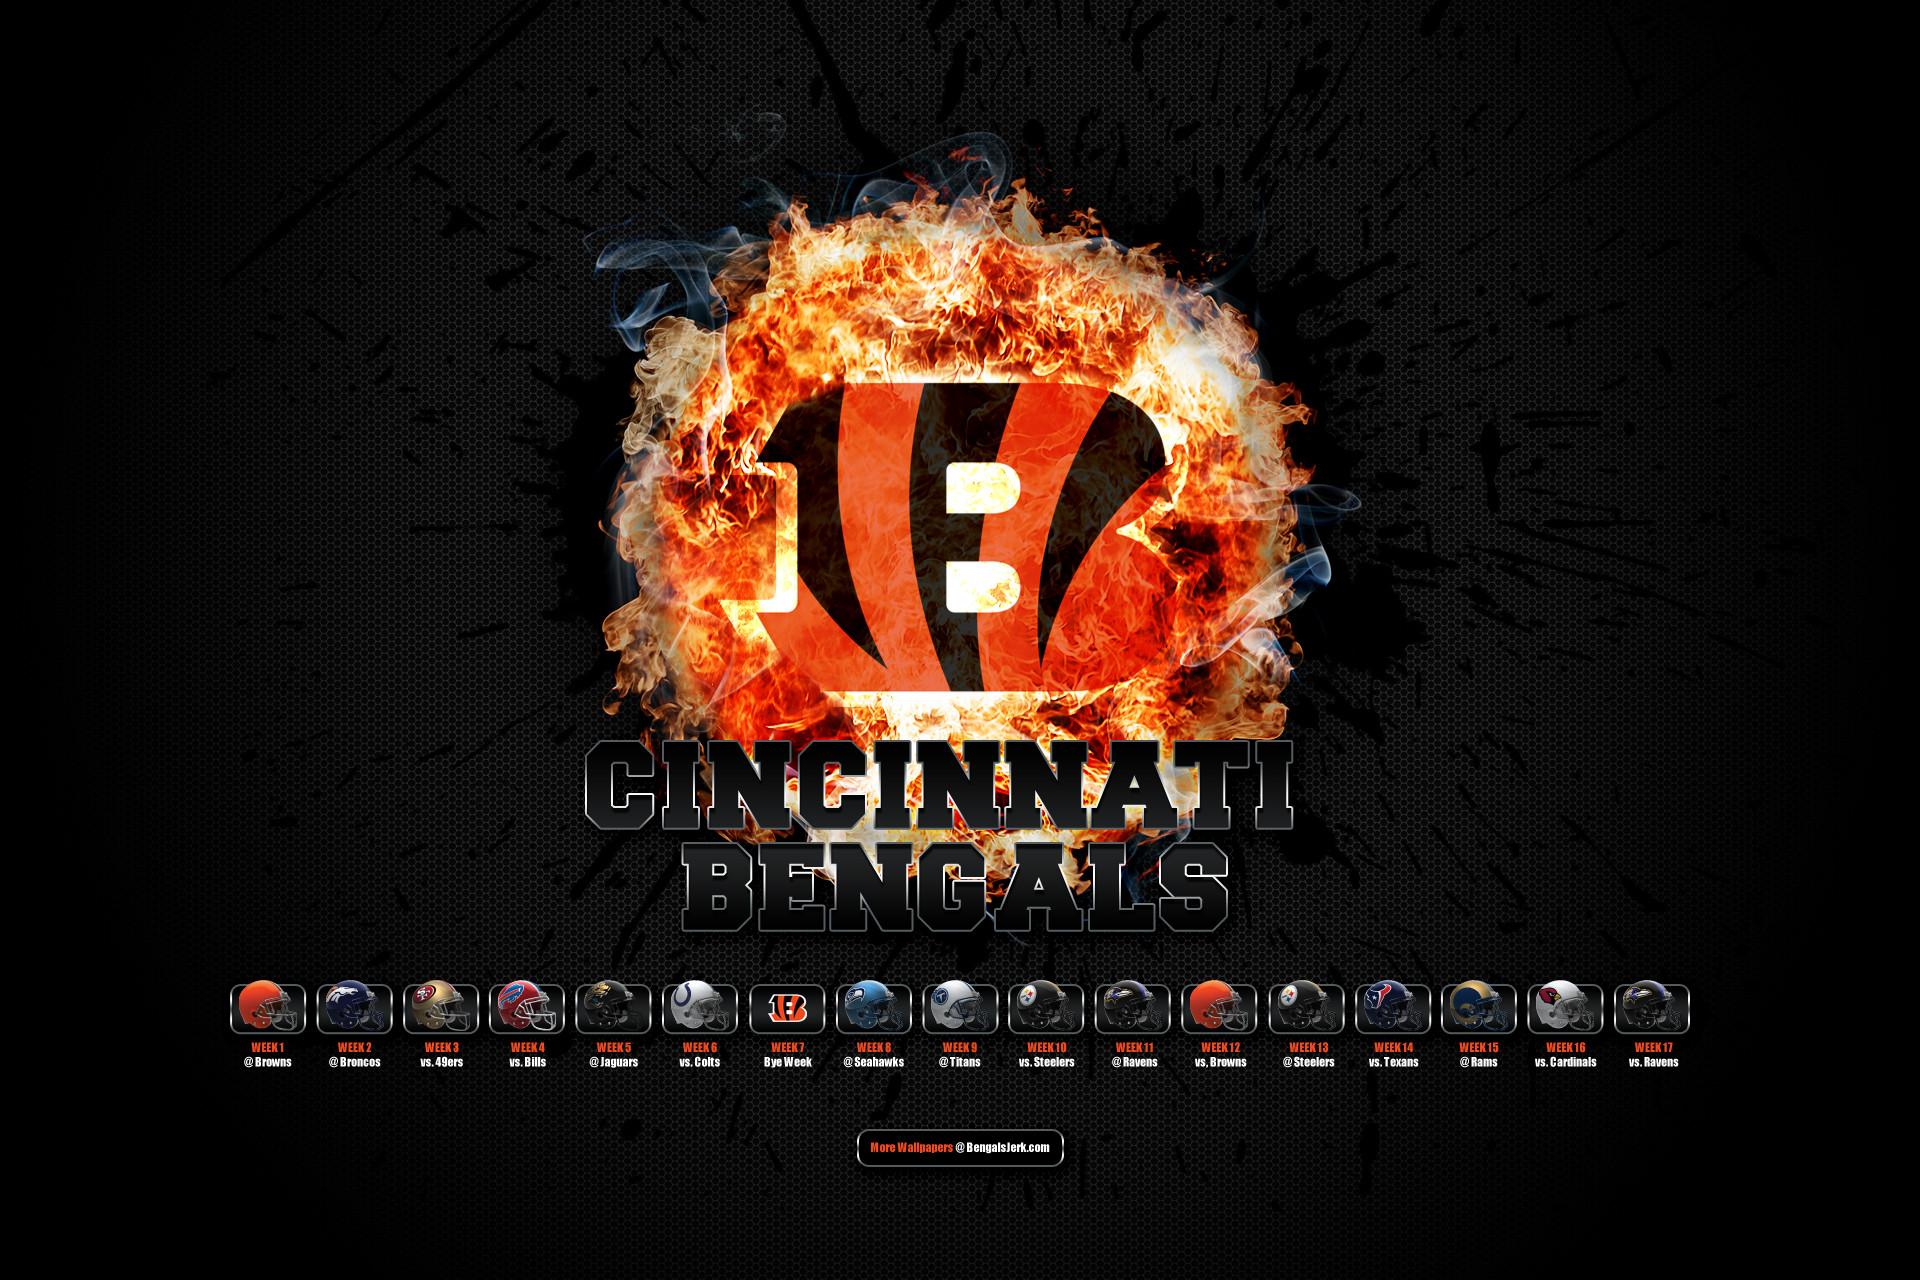 Cincinnati Bengals Backgrounds (64 Wallpapers)